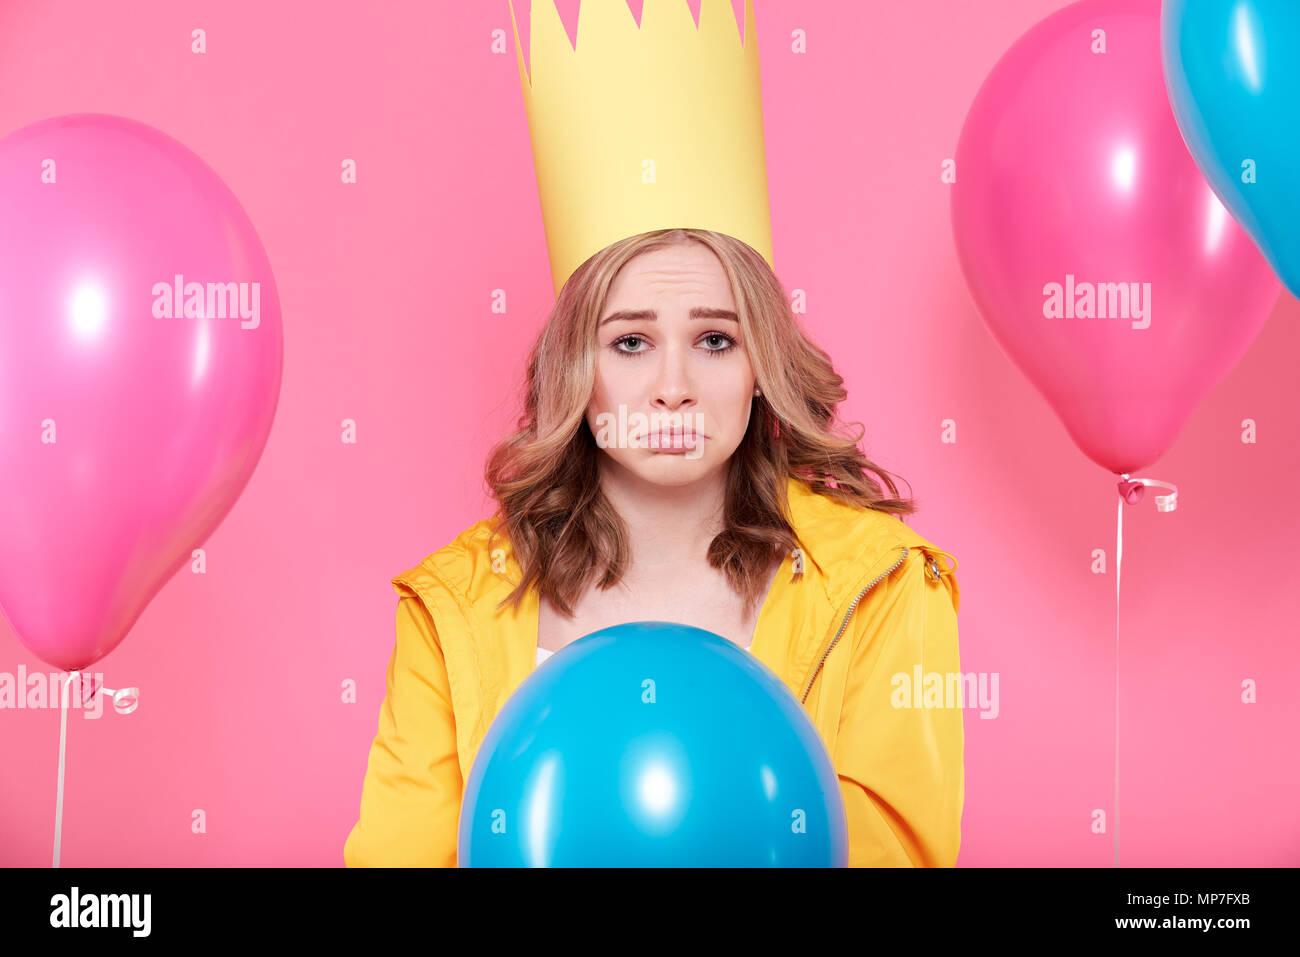 Enttäuscht junge Frau in der Partei hat der von bunten Luftballons, über Pastell rosa Hintergrund umgeben. Traurig Geburtstag Konzept. Stockbild